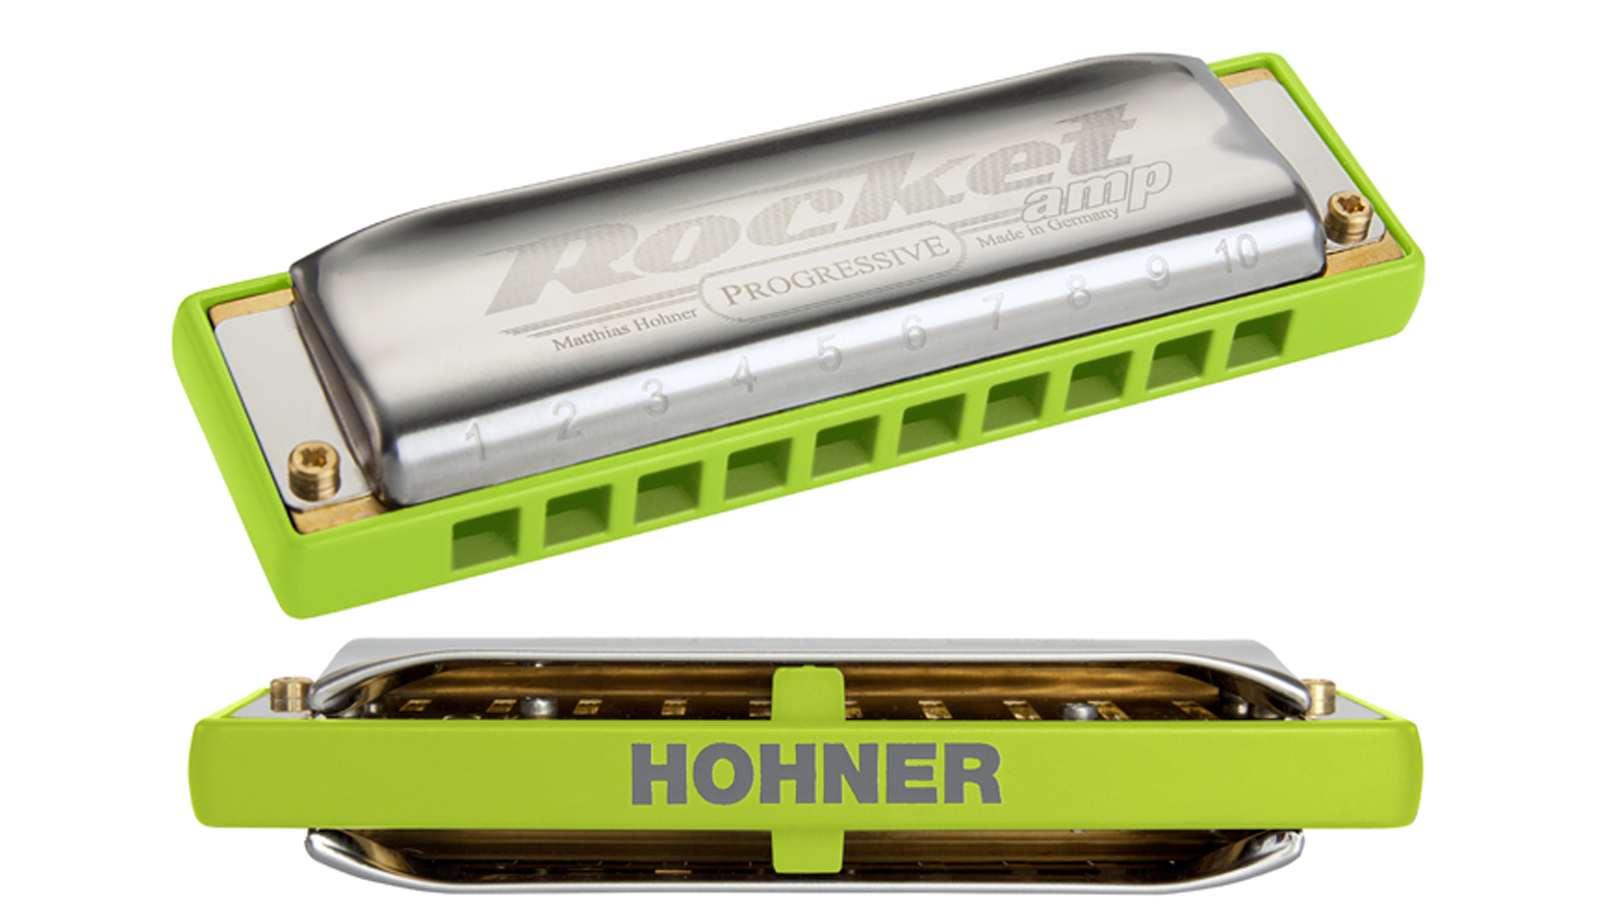 Hohner Rocket-Amp A-Dur Mundharmonika